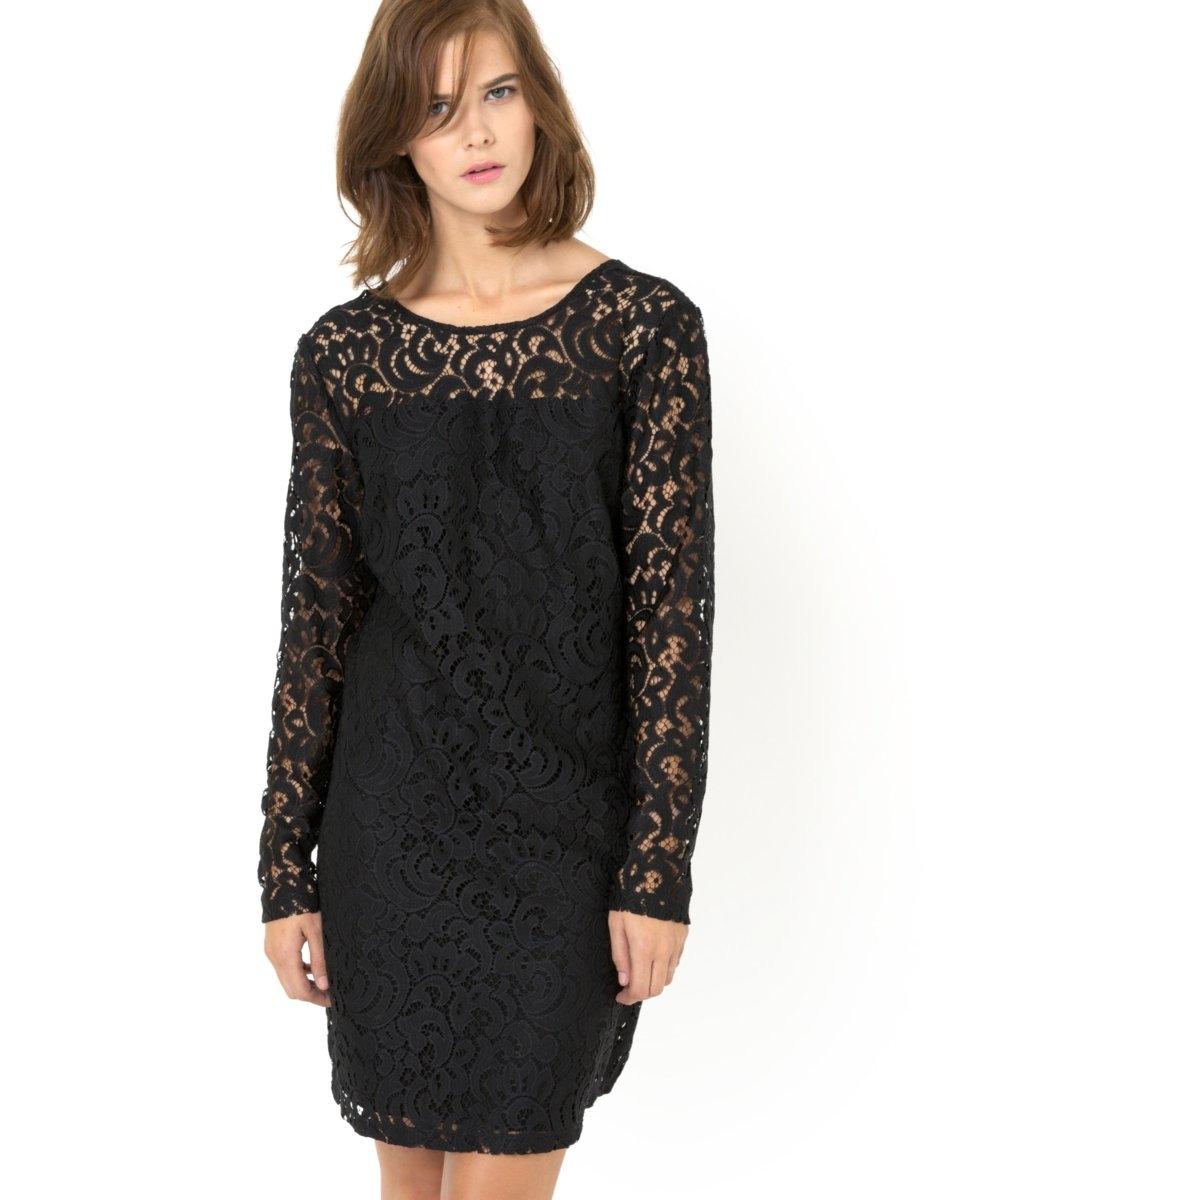 Платье прямое кружевное, длинные рукава, на подкладке, круглый вырезПлатье с длинными рукавами  - VILA. Платье прямого покроя,кружевное, на подкладке. Круглый вырез спереди и V-образный -  сзади. 65% хлопка, 35% полиамида.<br><br>Цвет: черный<br>Размер: XS.S